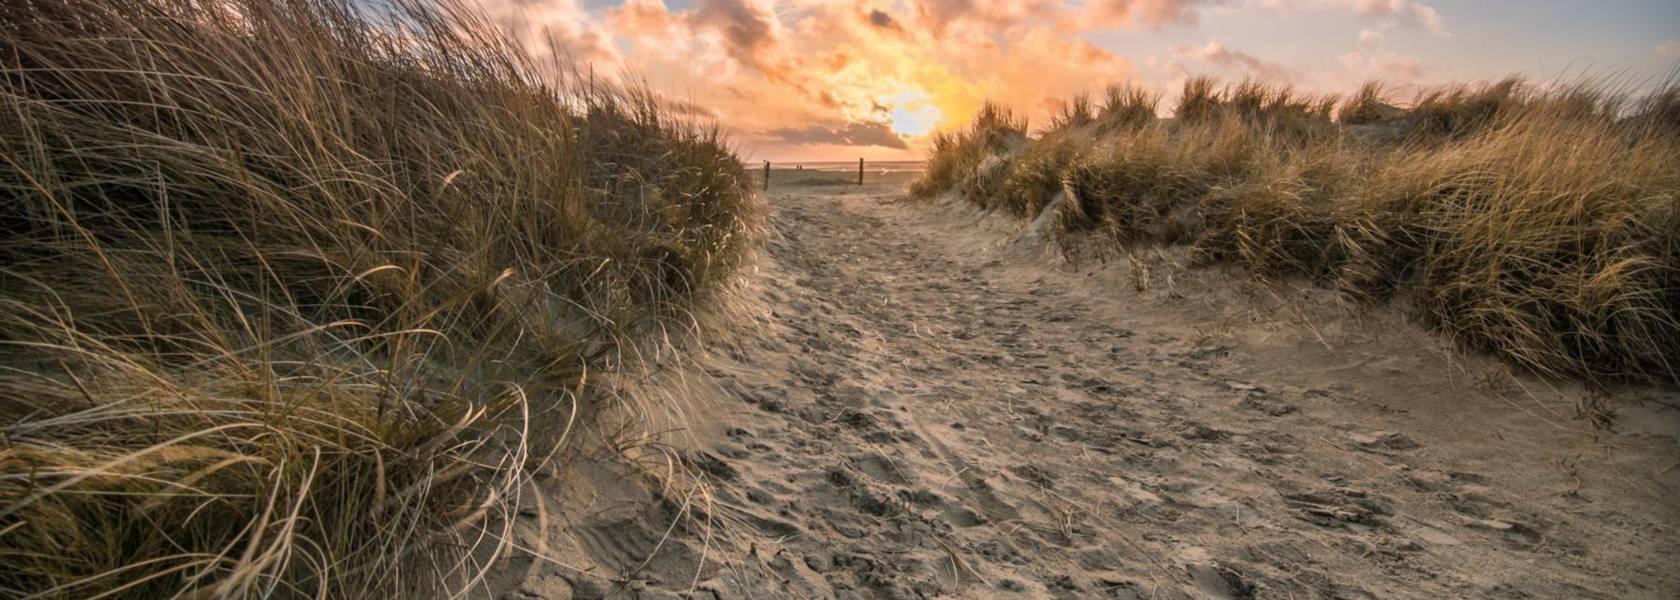 Norden-Norddeich, © Tourismus-Service Norden-Norddeich